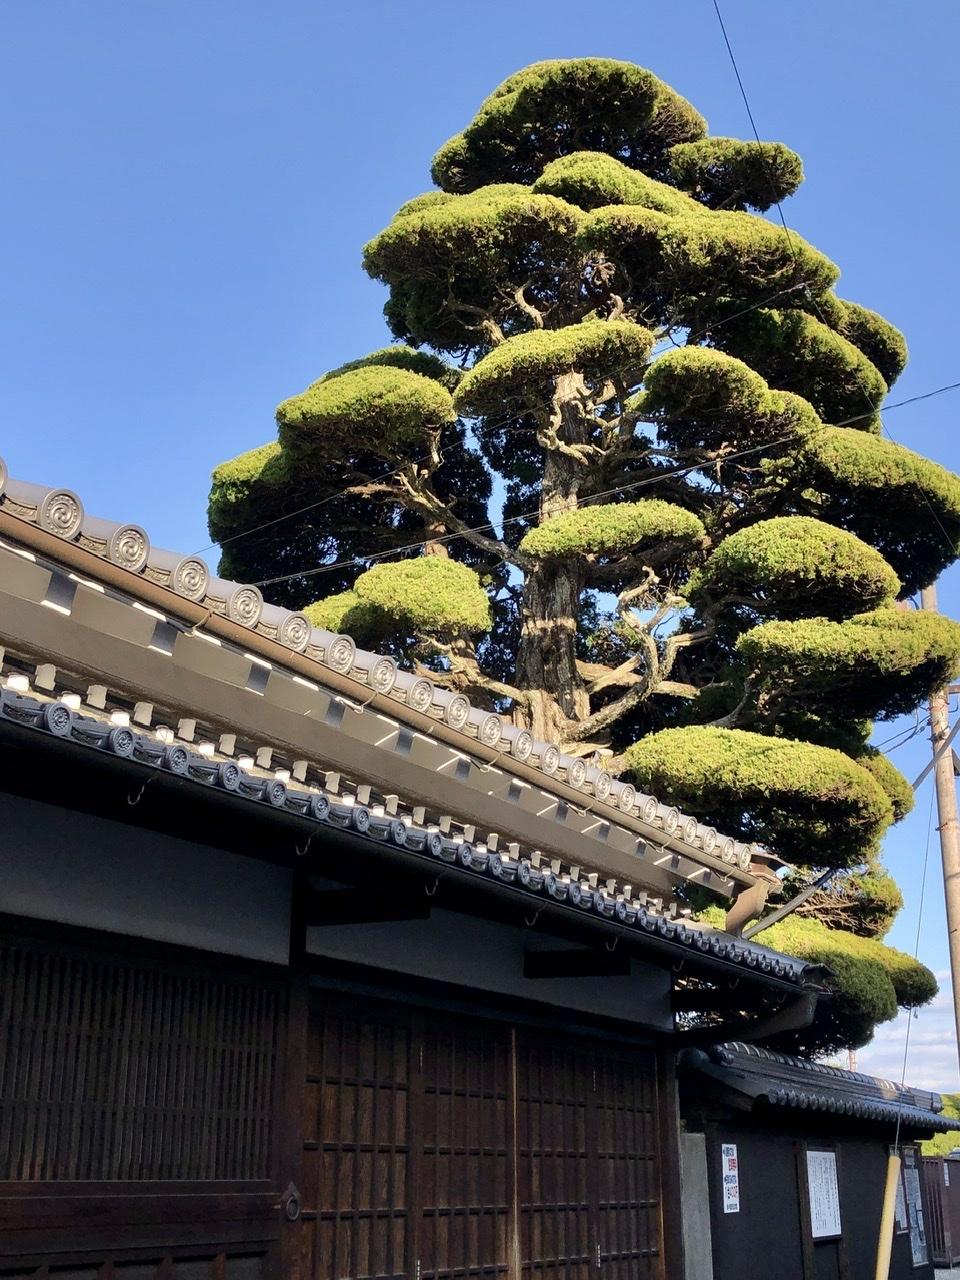 奈良の旅 13 江戸の街並みが美しい橿原市今井町 その2_a0092659_11264770.jpeg